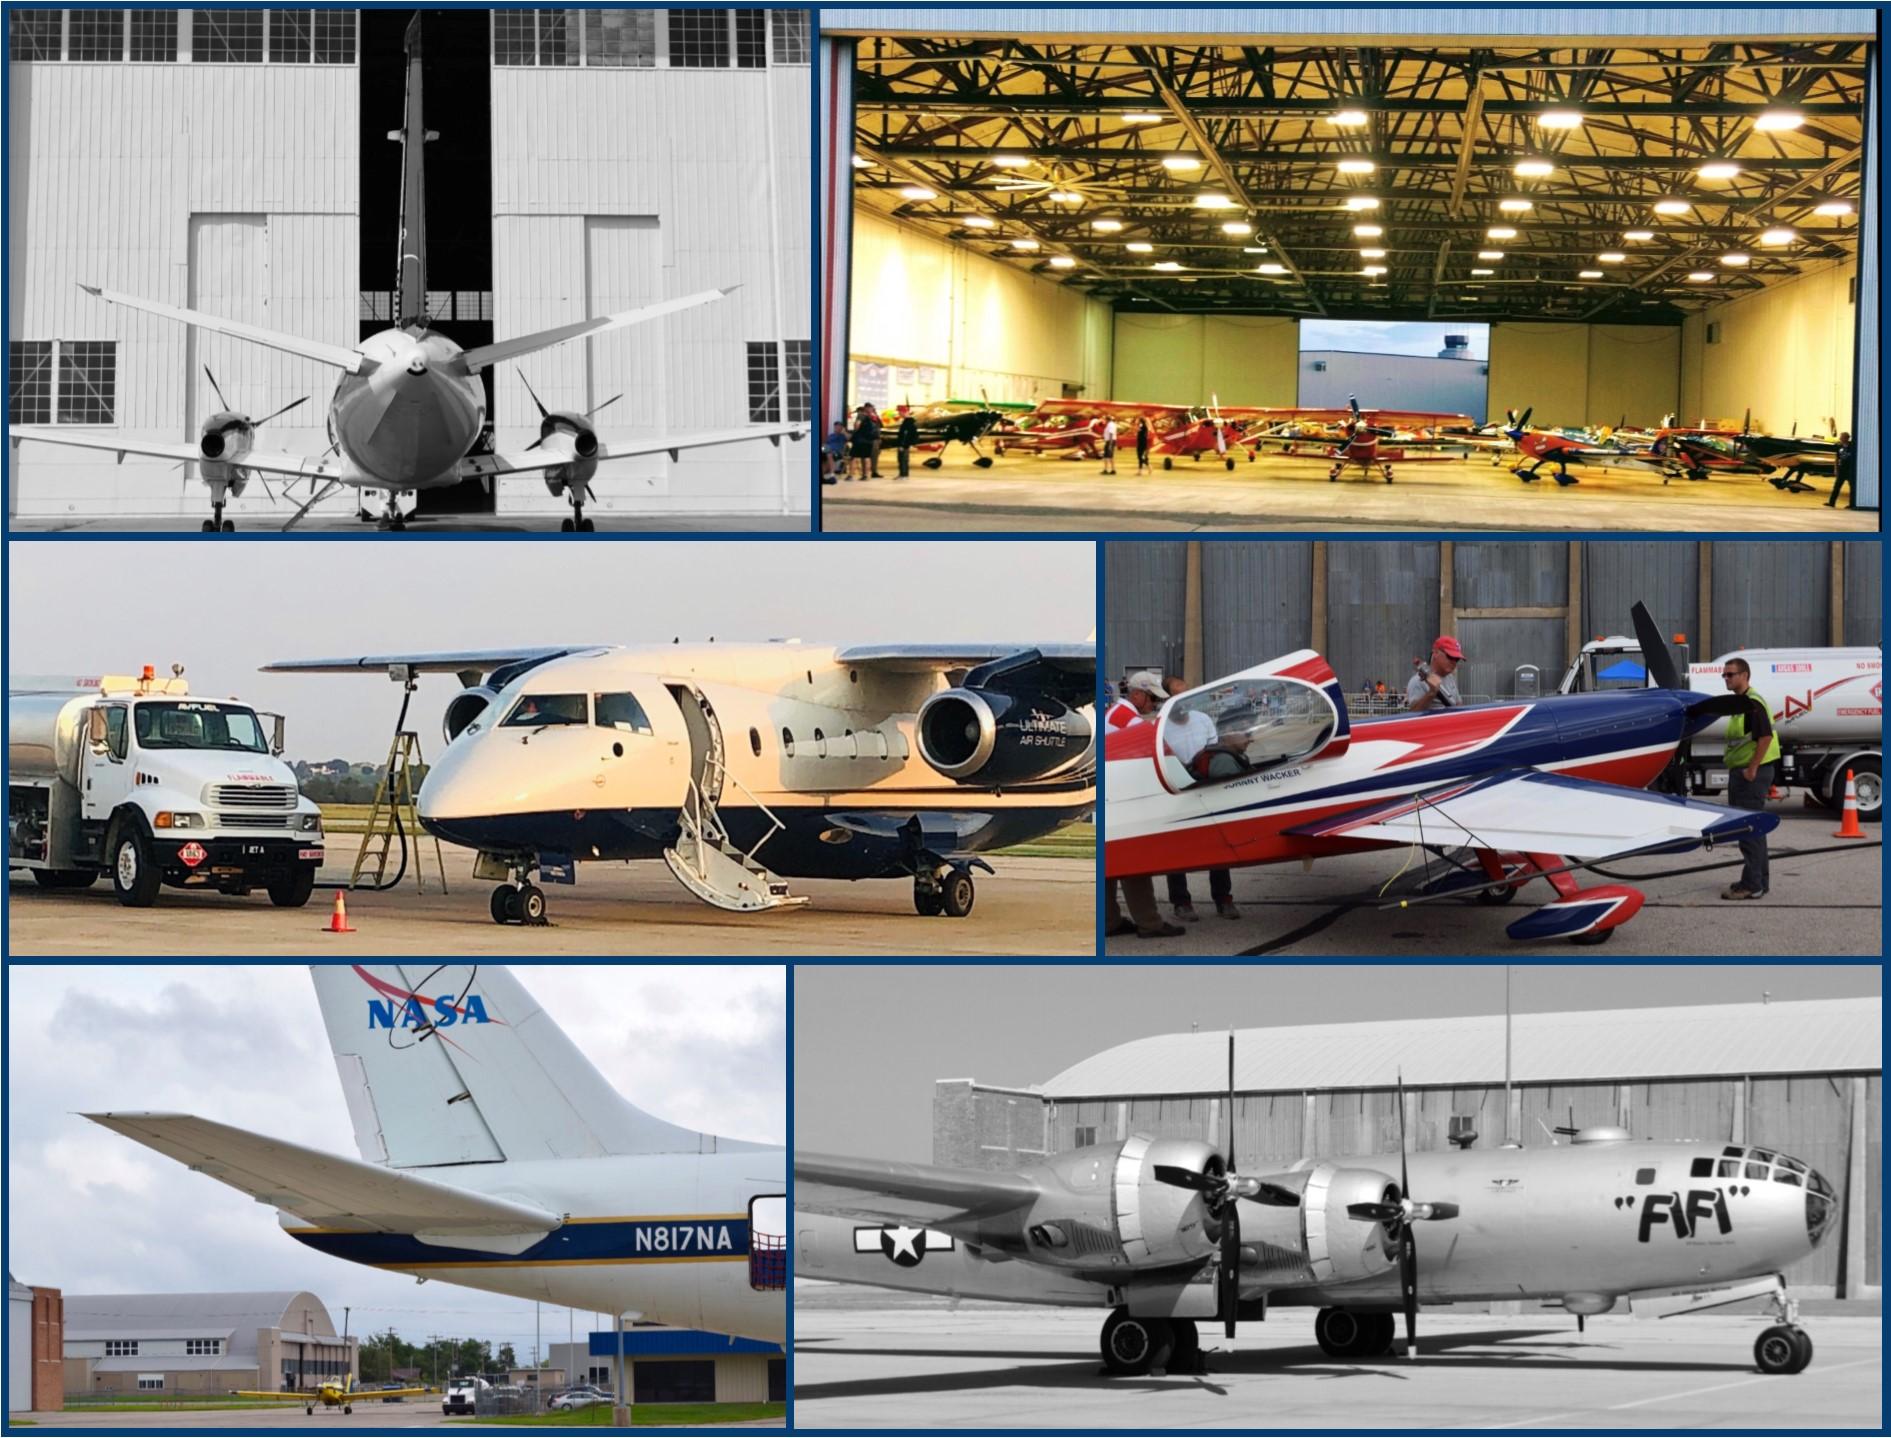 https://www.salinaairport.com/media/36223/flightline-september-v-2.jpg